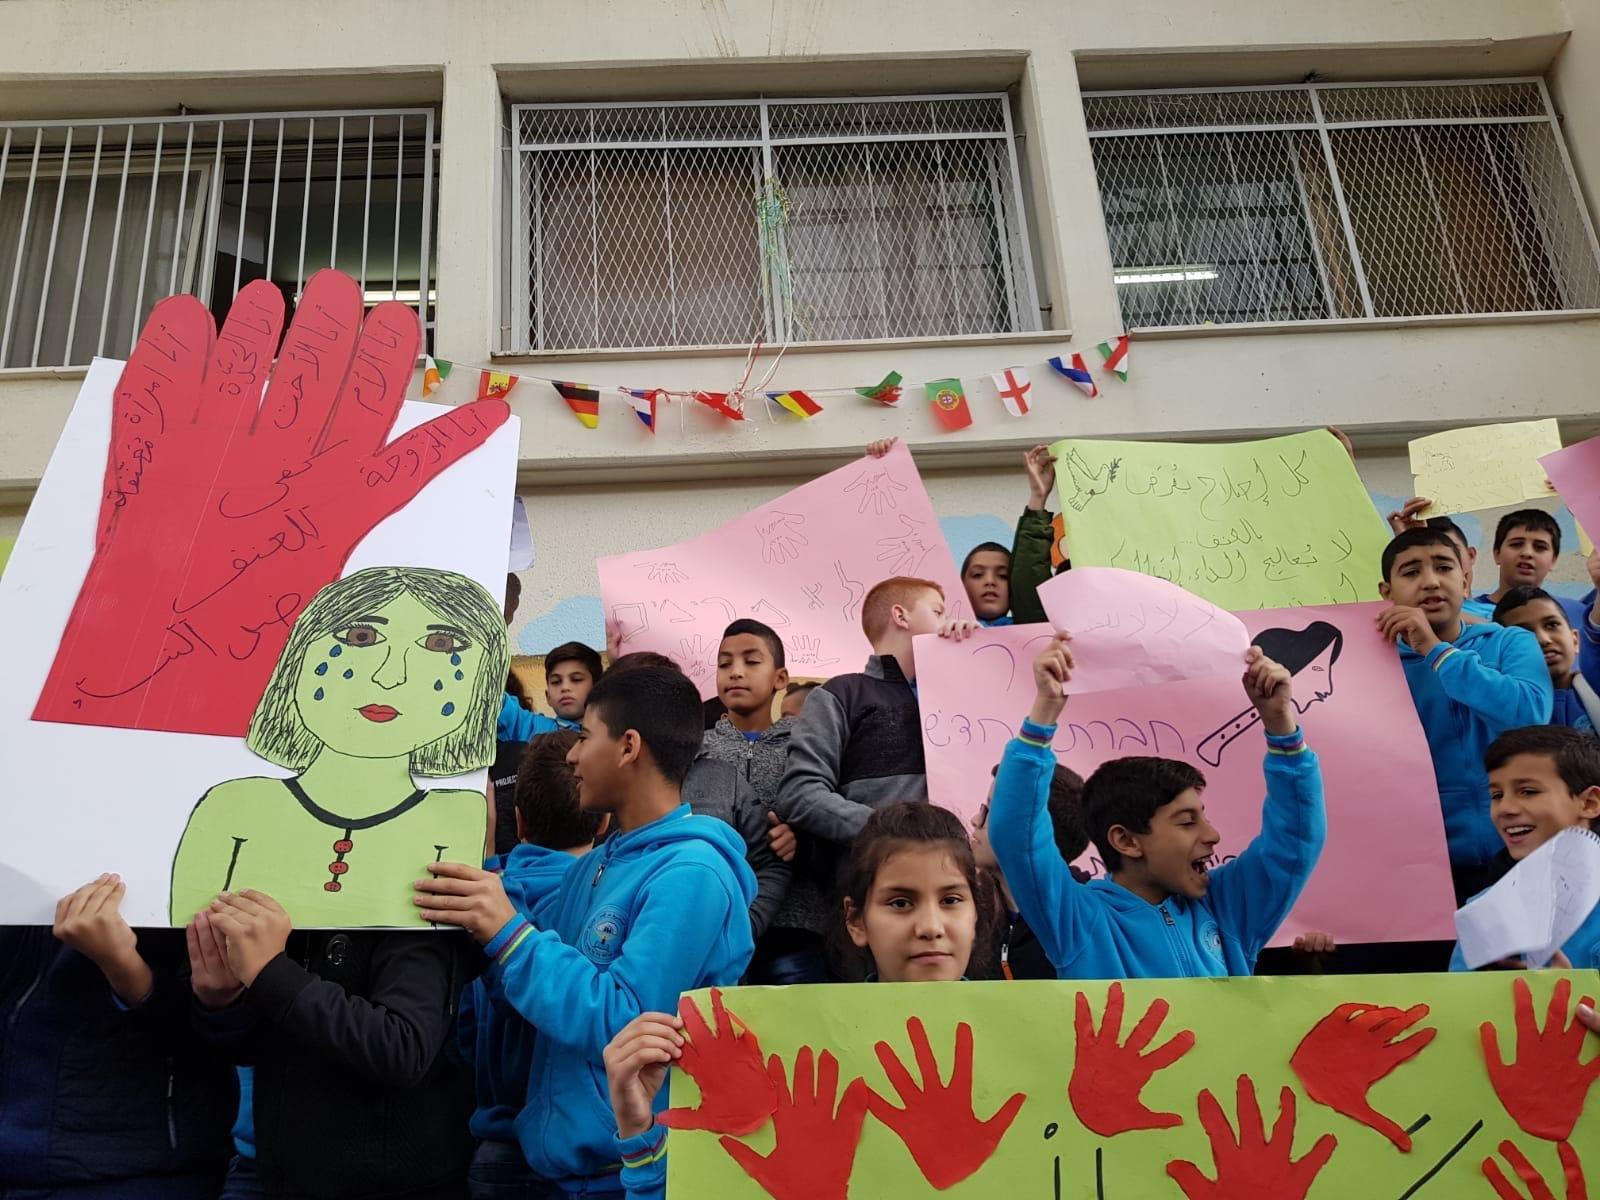 وقفةٌ احتجاجية تضامنًا مع الاضراب ضد العنف في المدرسة الجماهيرية بير الامير الناصرة